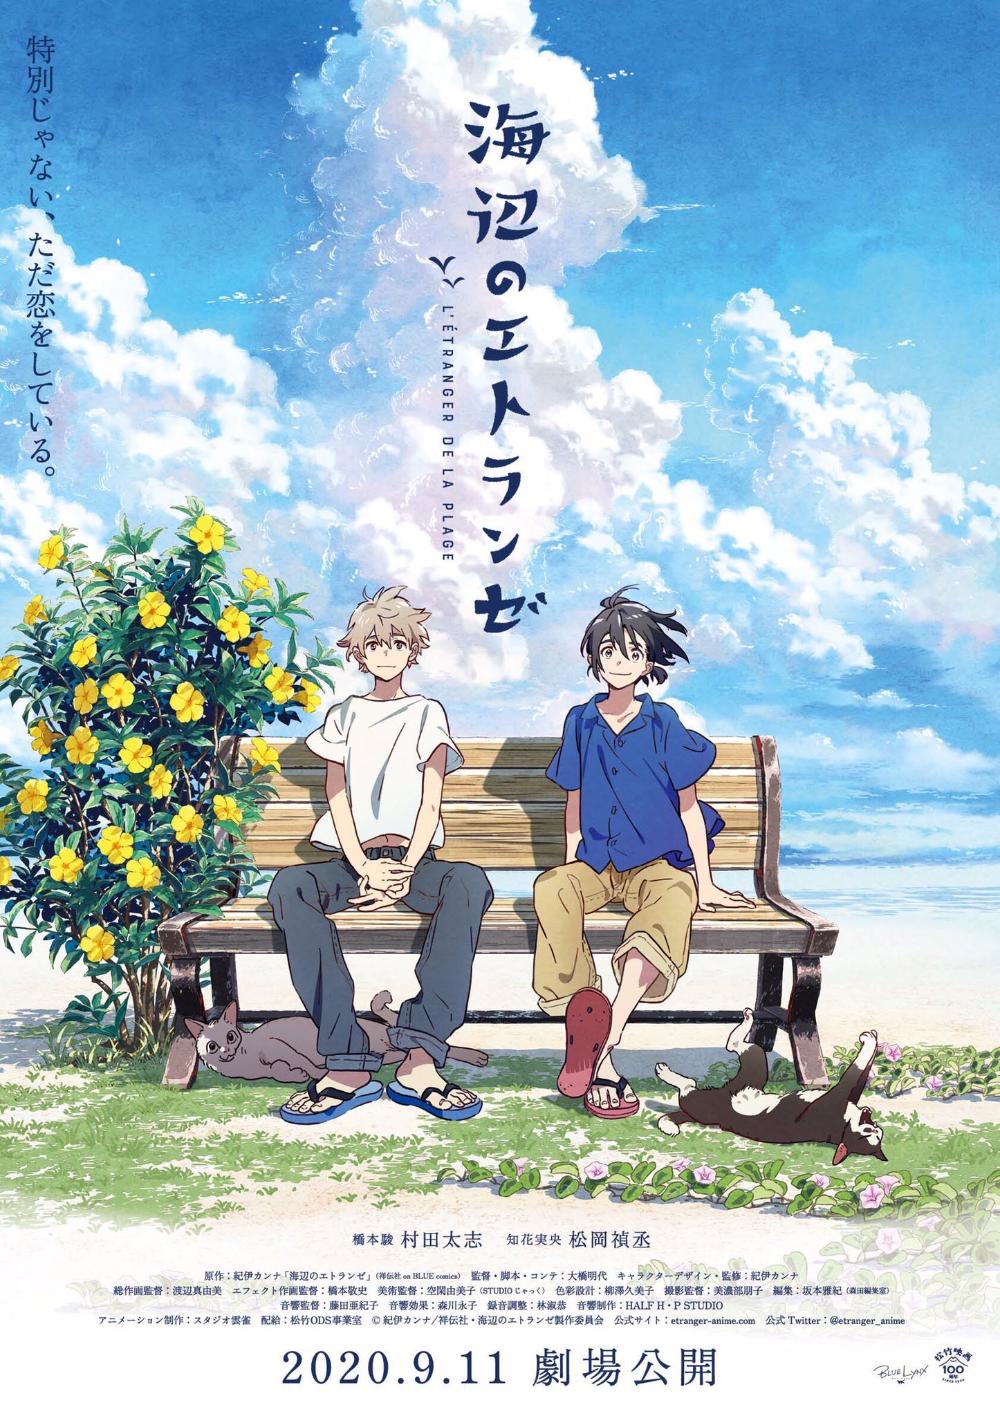 首頁 / Twitter in 2020 Anime films, Anime, Manga covers